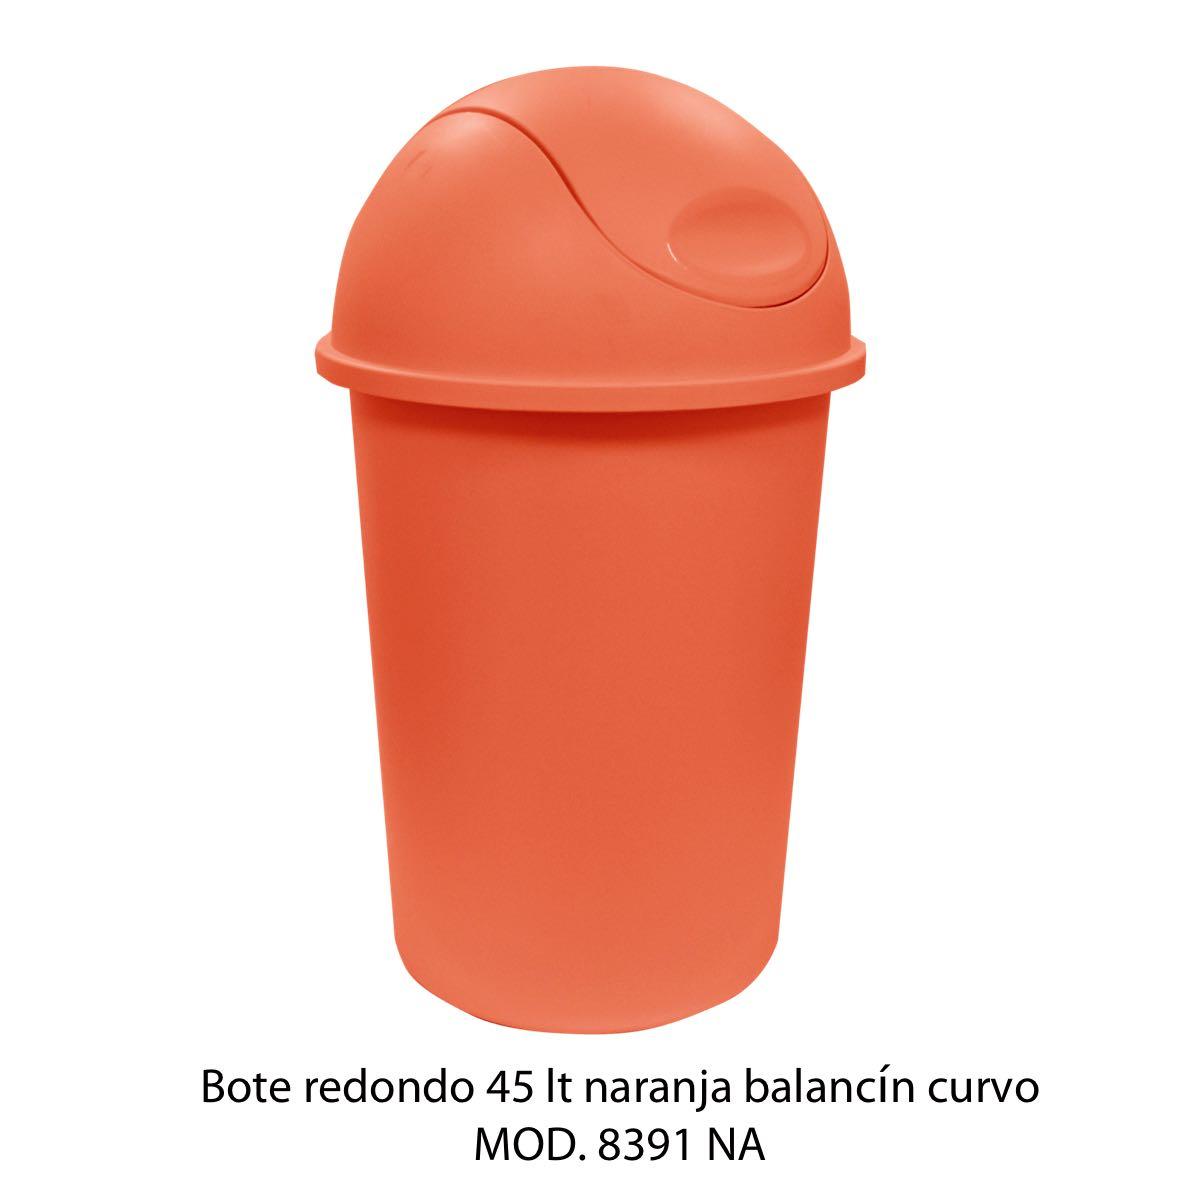 Bote de basura redondo de 45 litros con balancín curvo color naranja modelo 8391 NA - Sablón